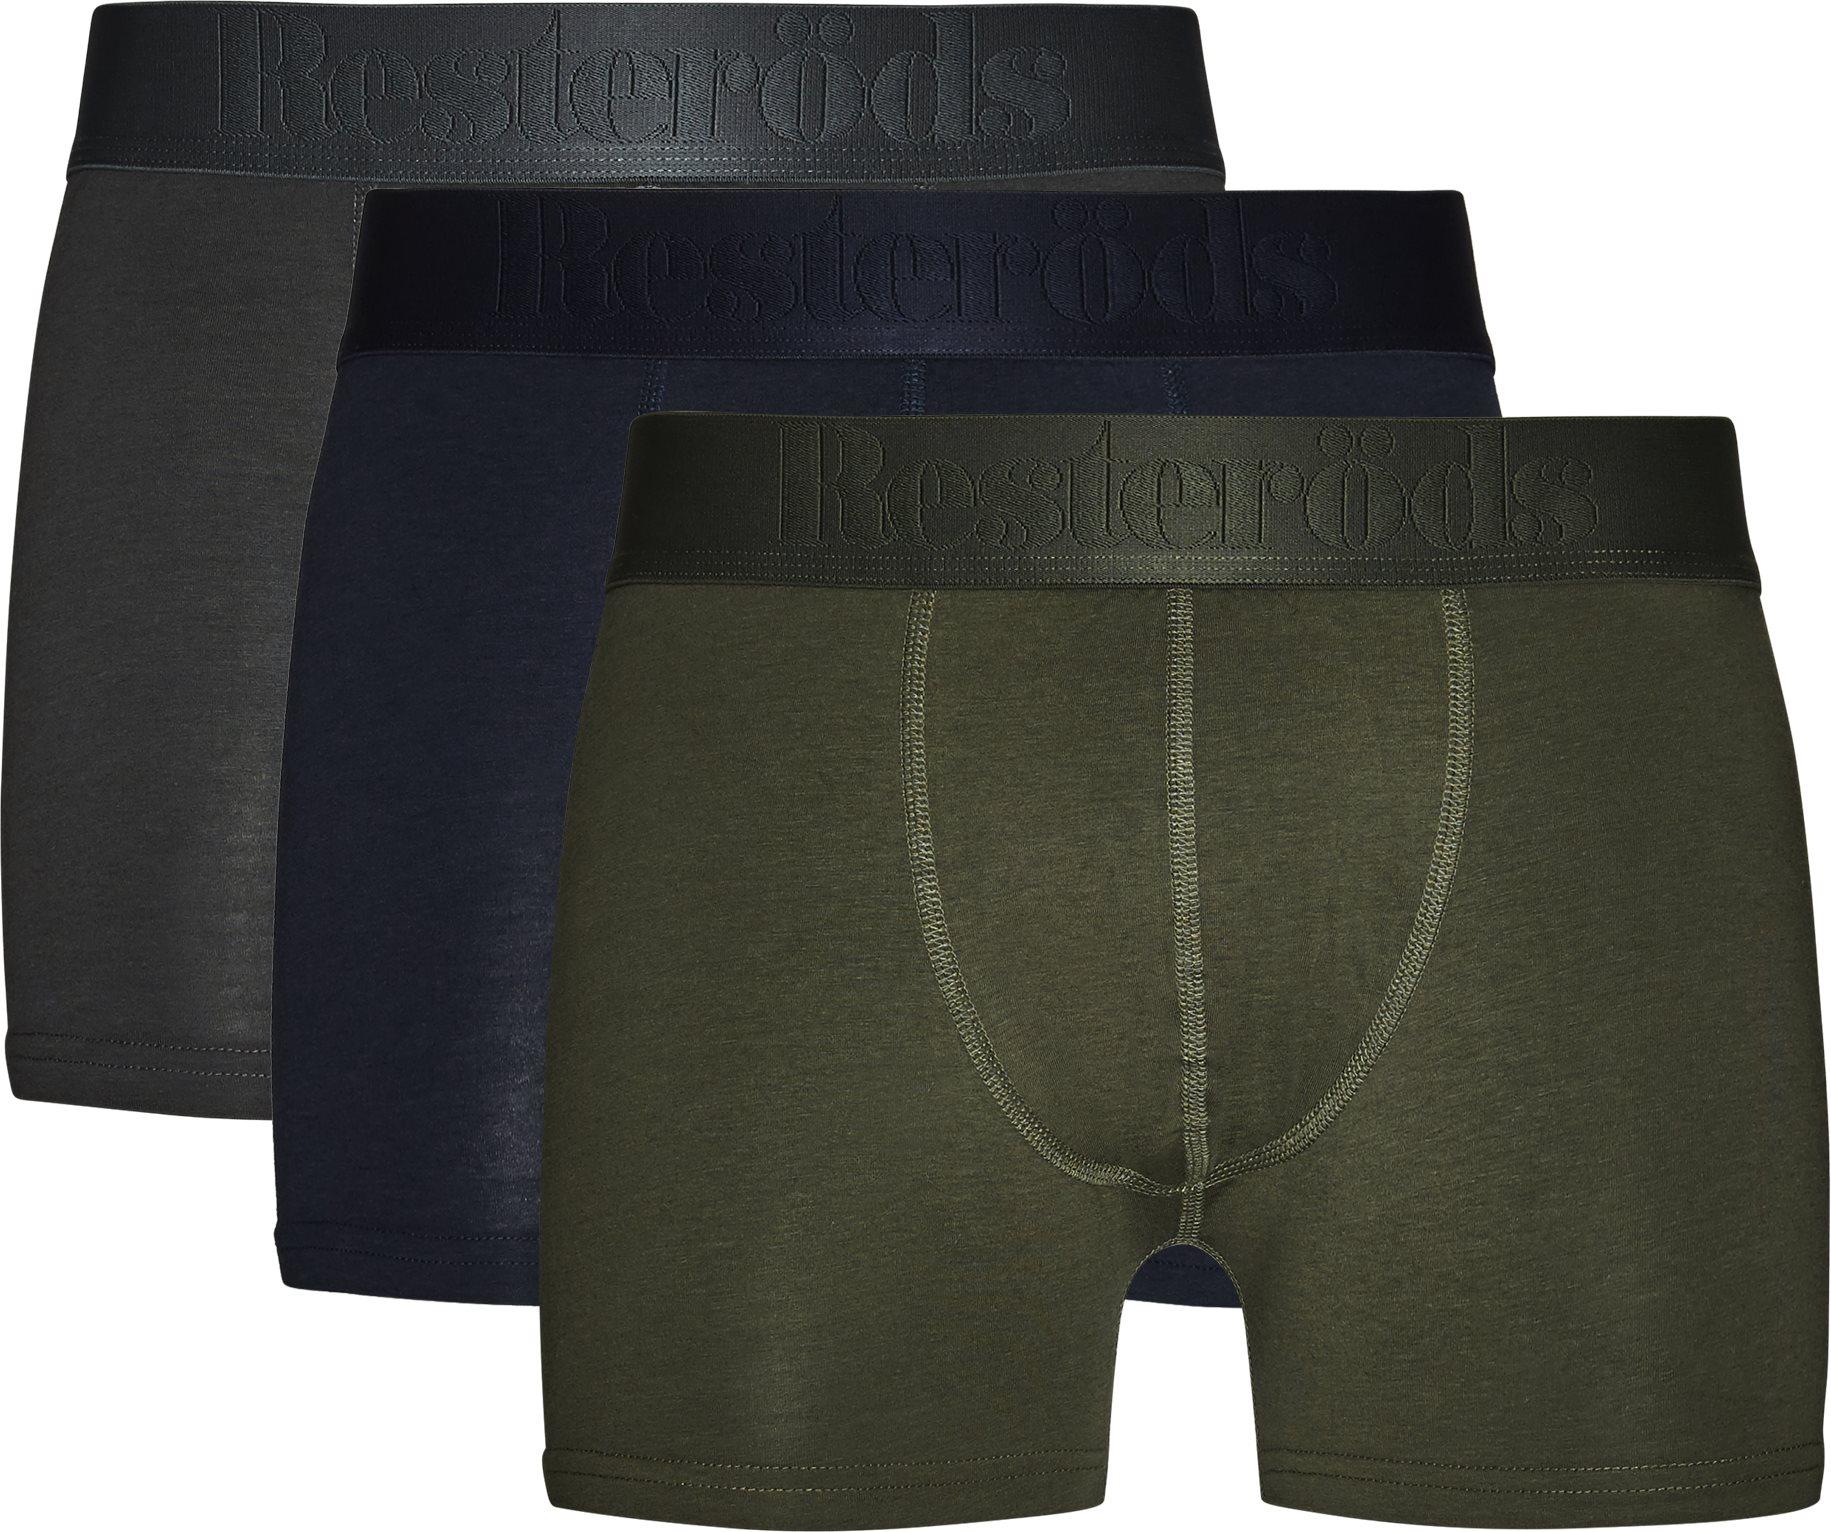 Underkläder - Multi